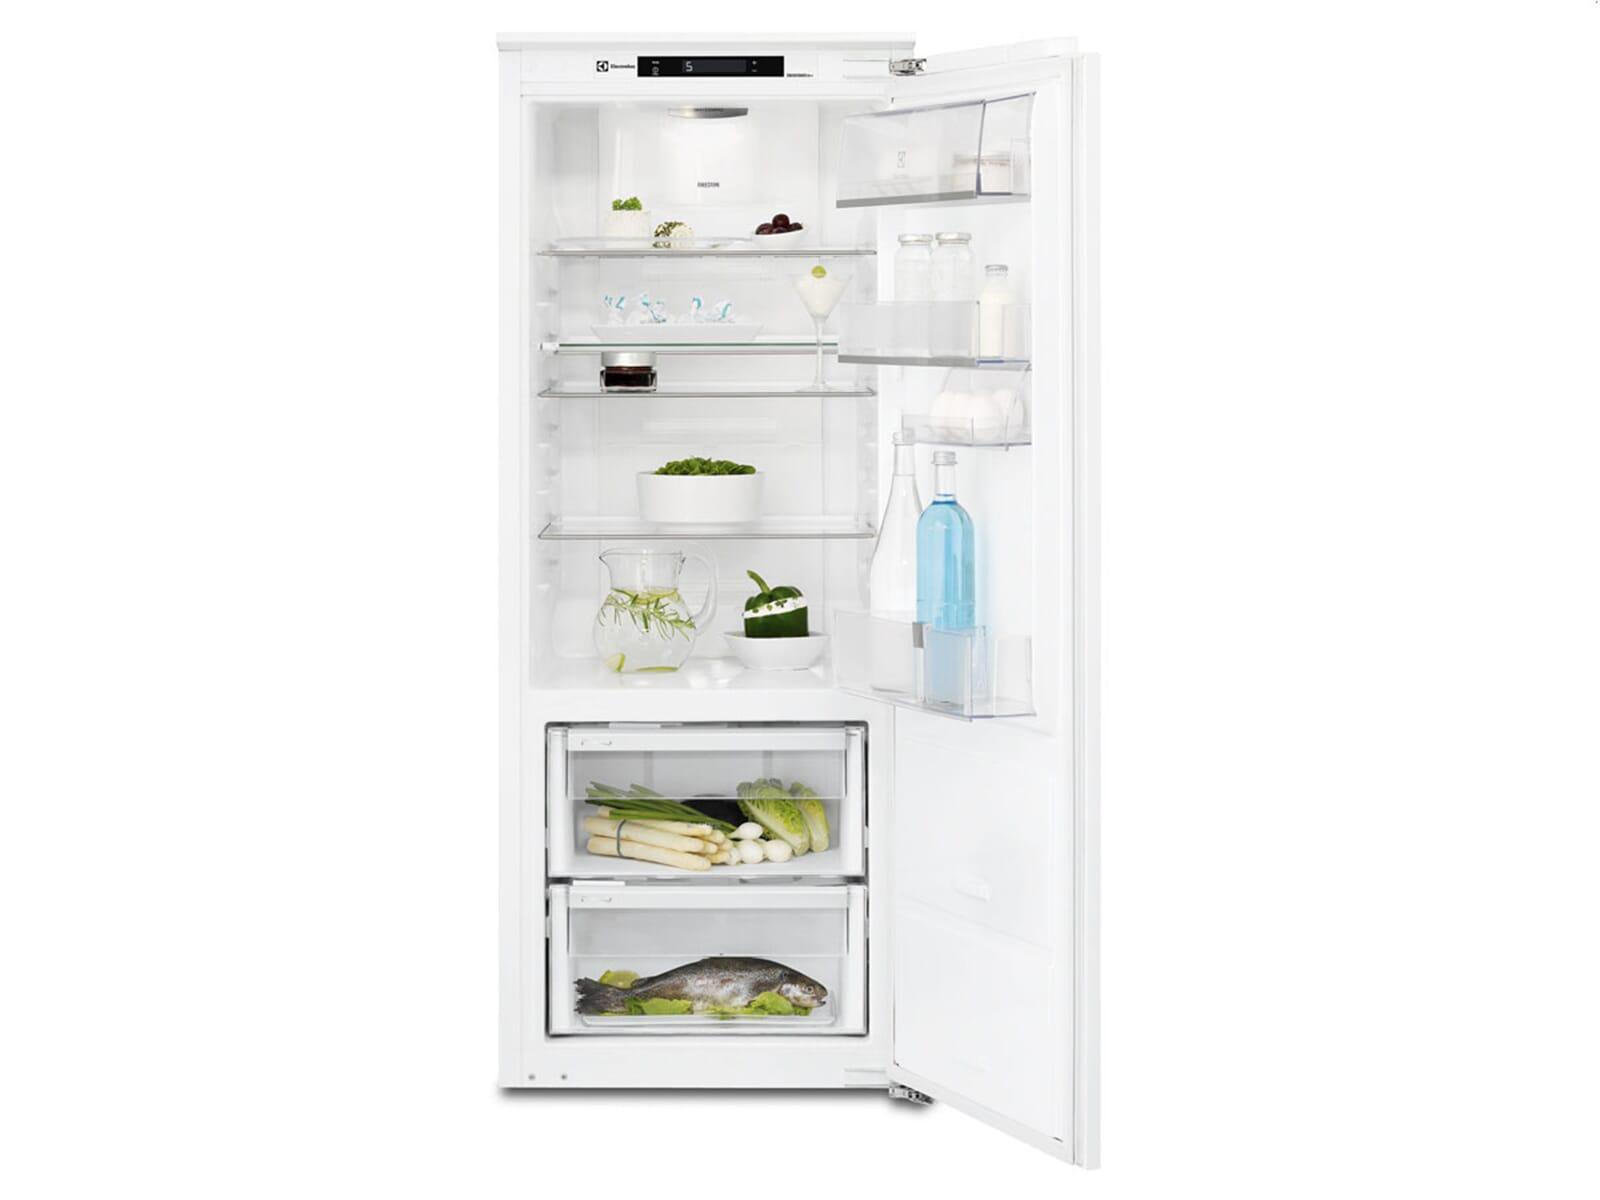 Aeg Electrolux Santo Kühlschrank : Einbaukühlschrank cm aeg integrierbarer einbau kühlschrank